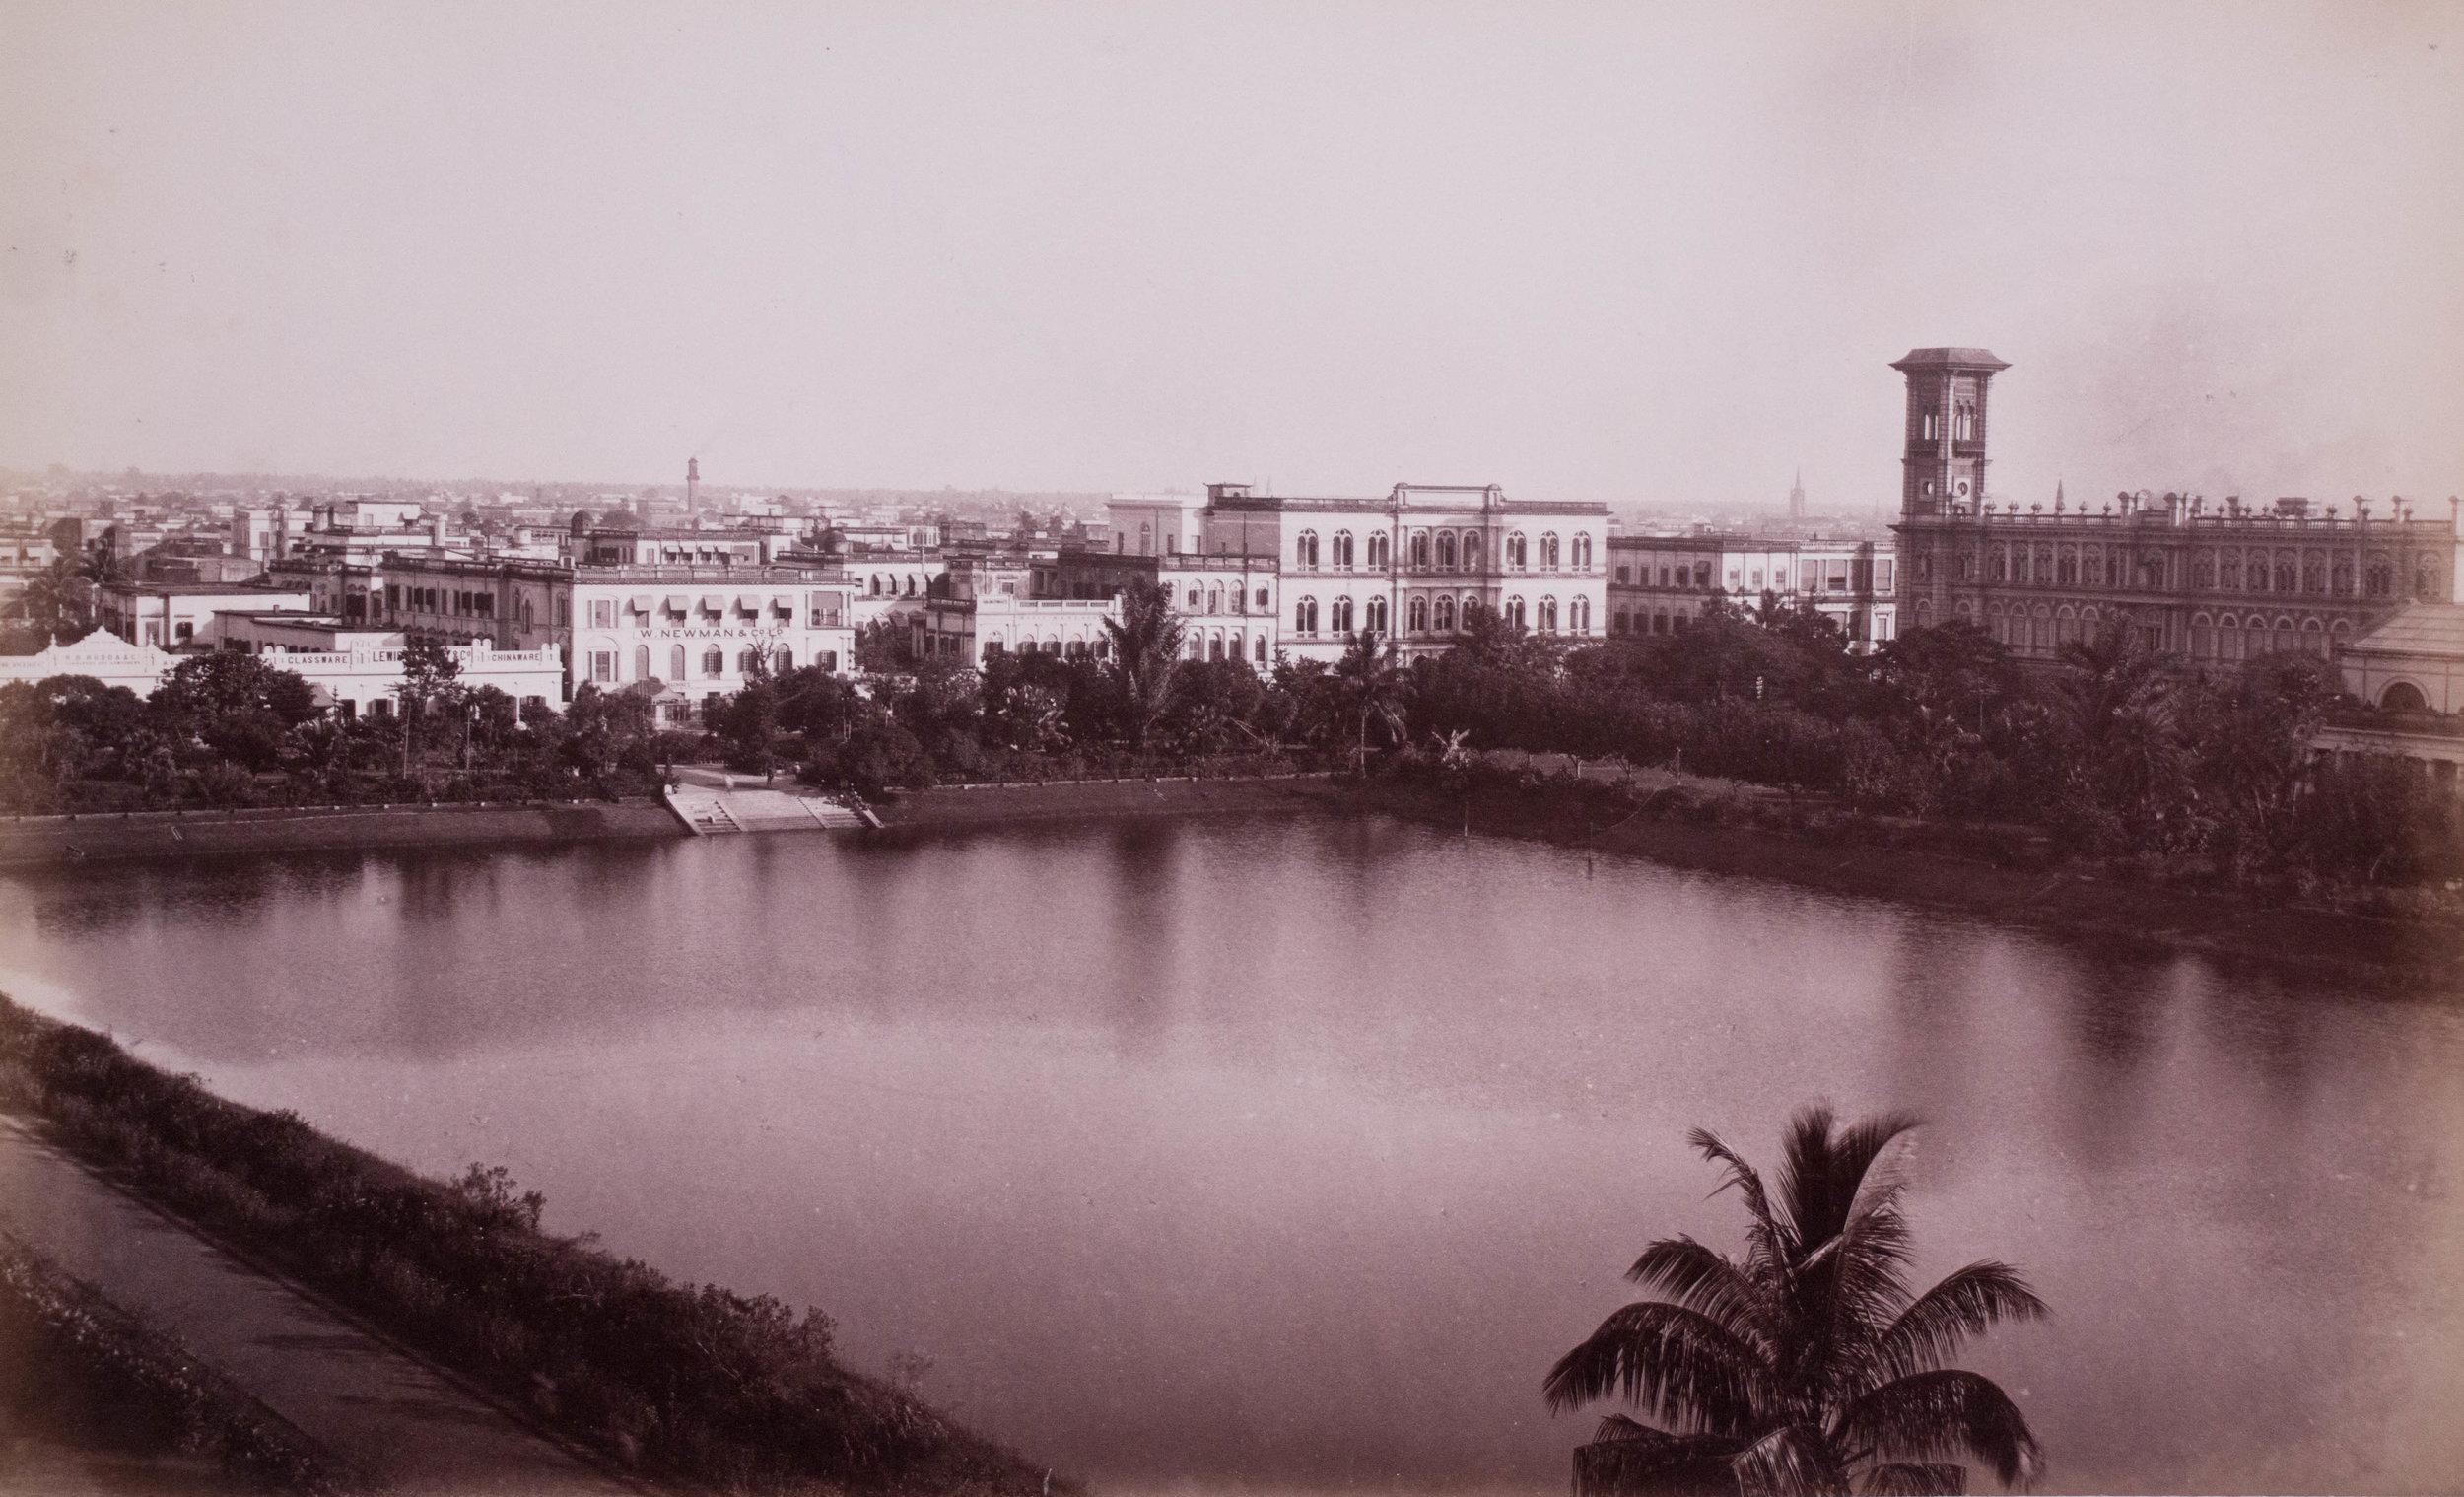 Delhousie Square, Calcutta